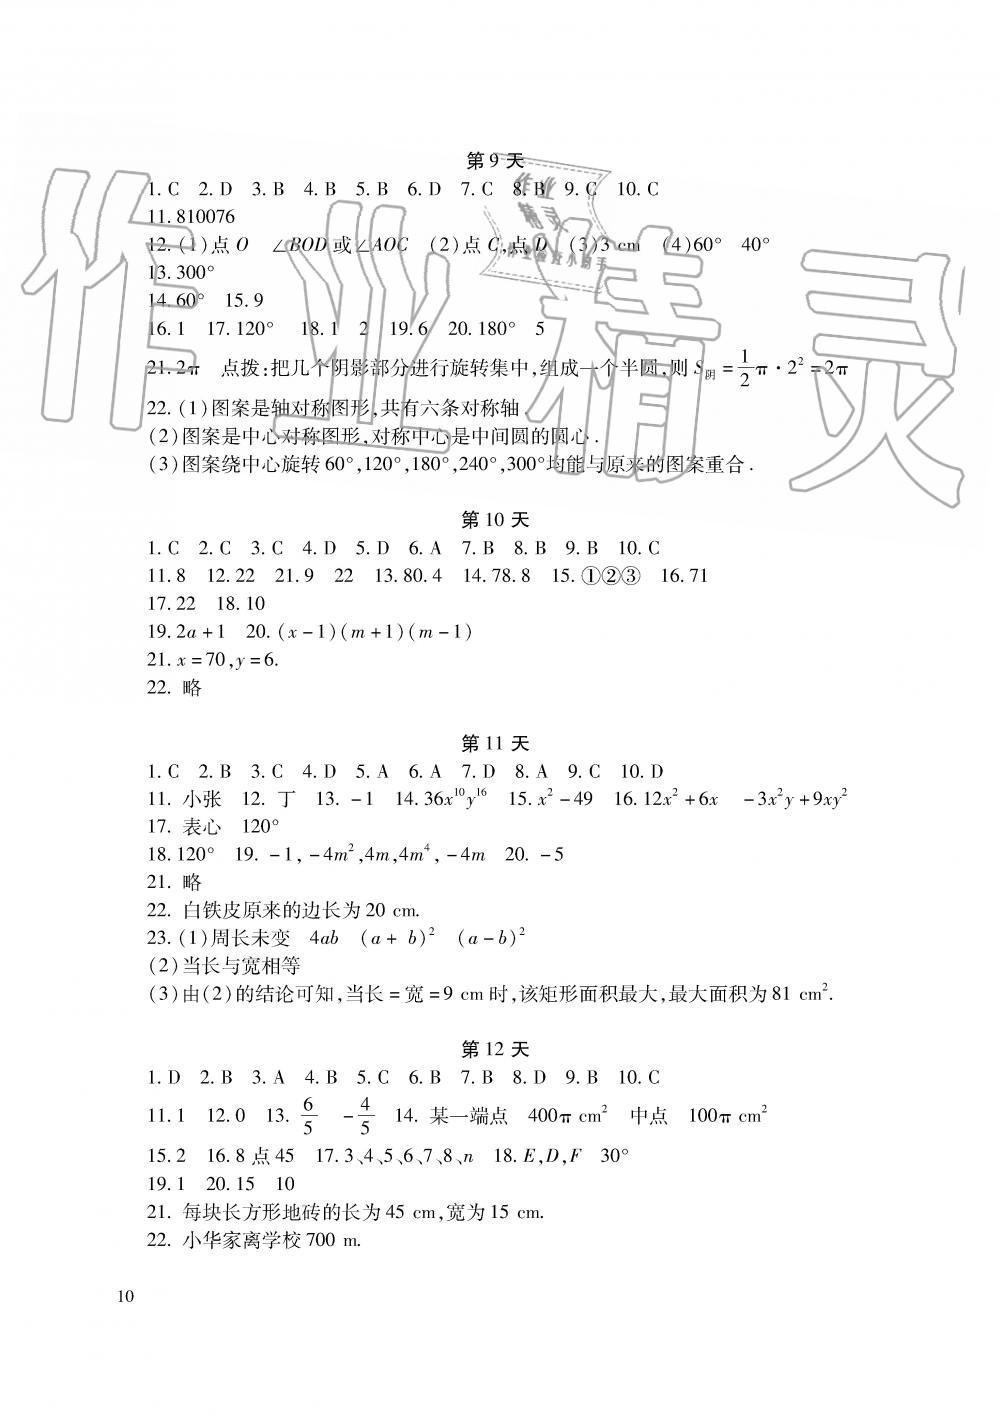 2019年暑假生活七年级语文数学英语湖南少年儿童出版社第10页